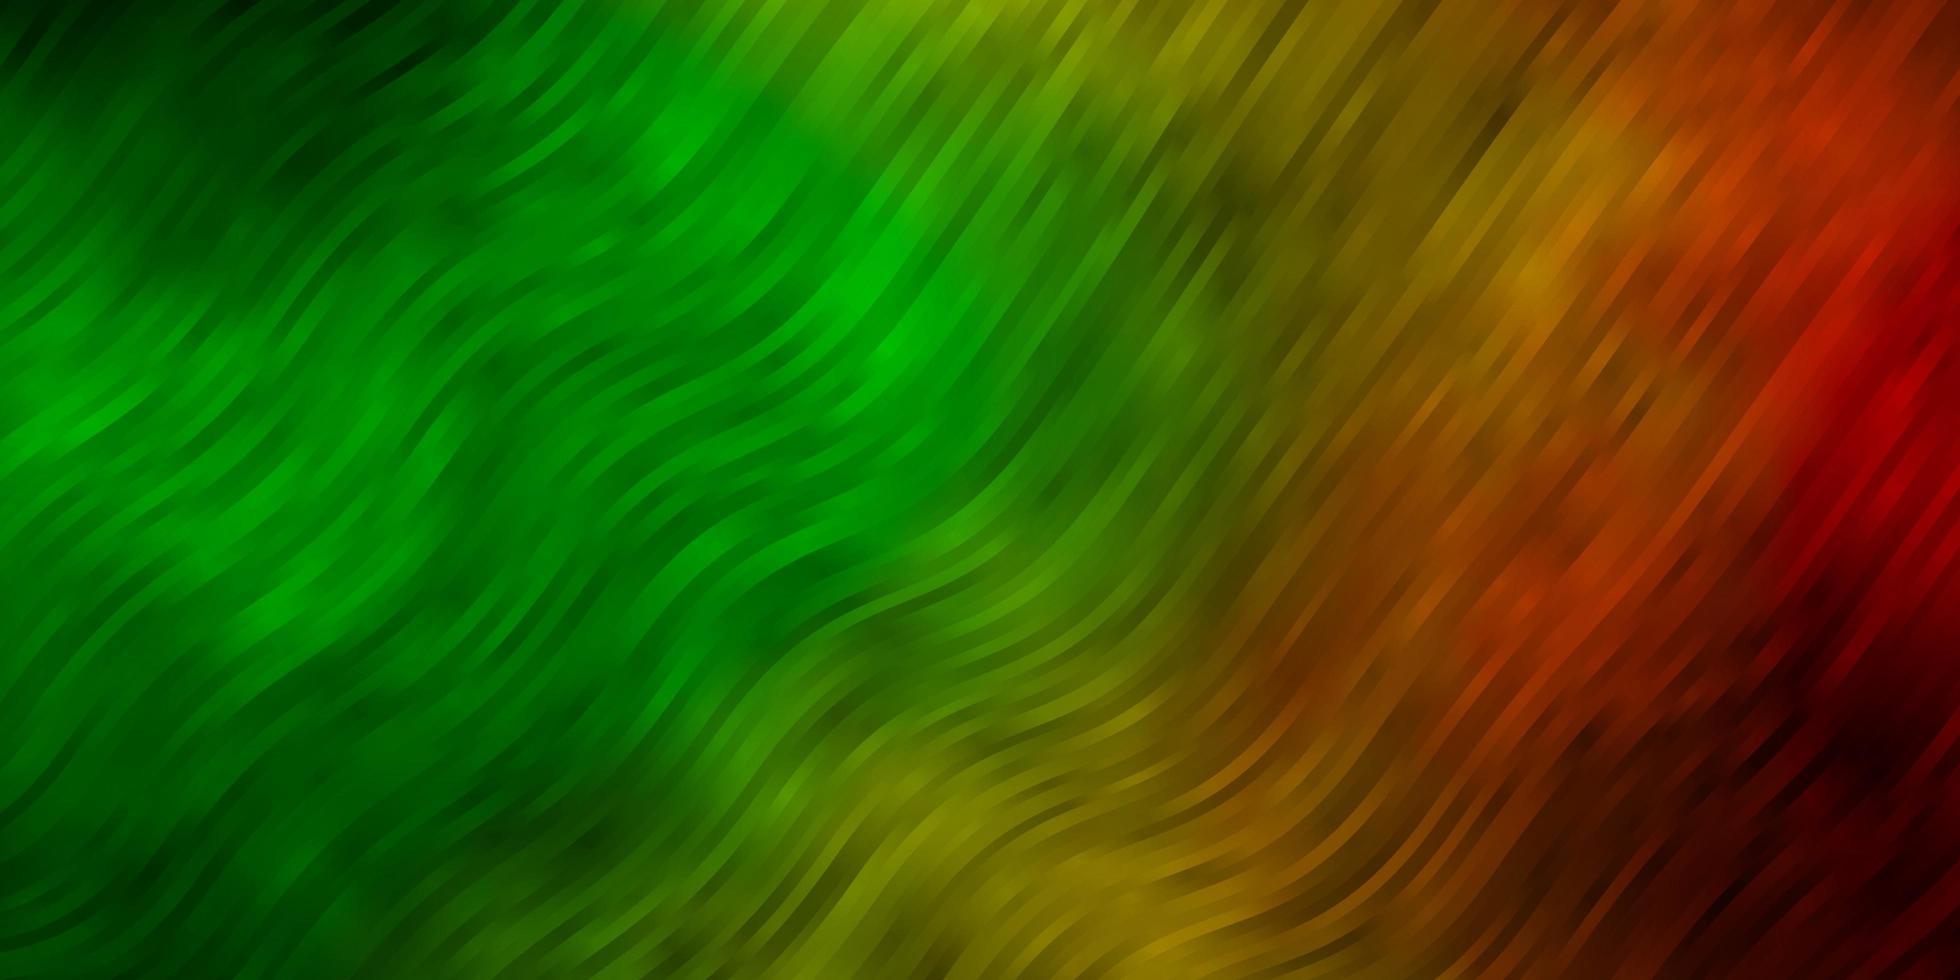 textura de vector verde oscuro, amarillo con líneas torcidas.